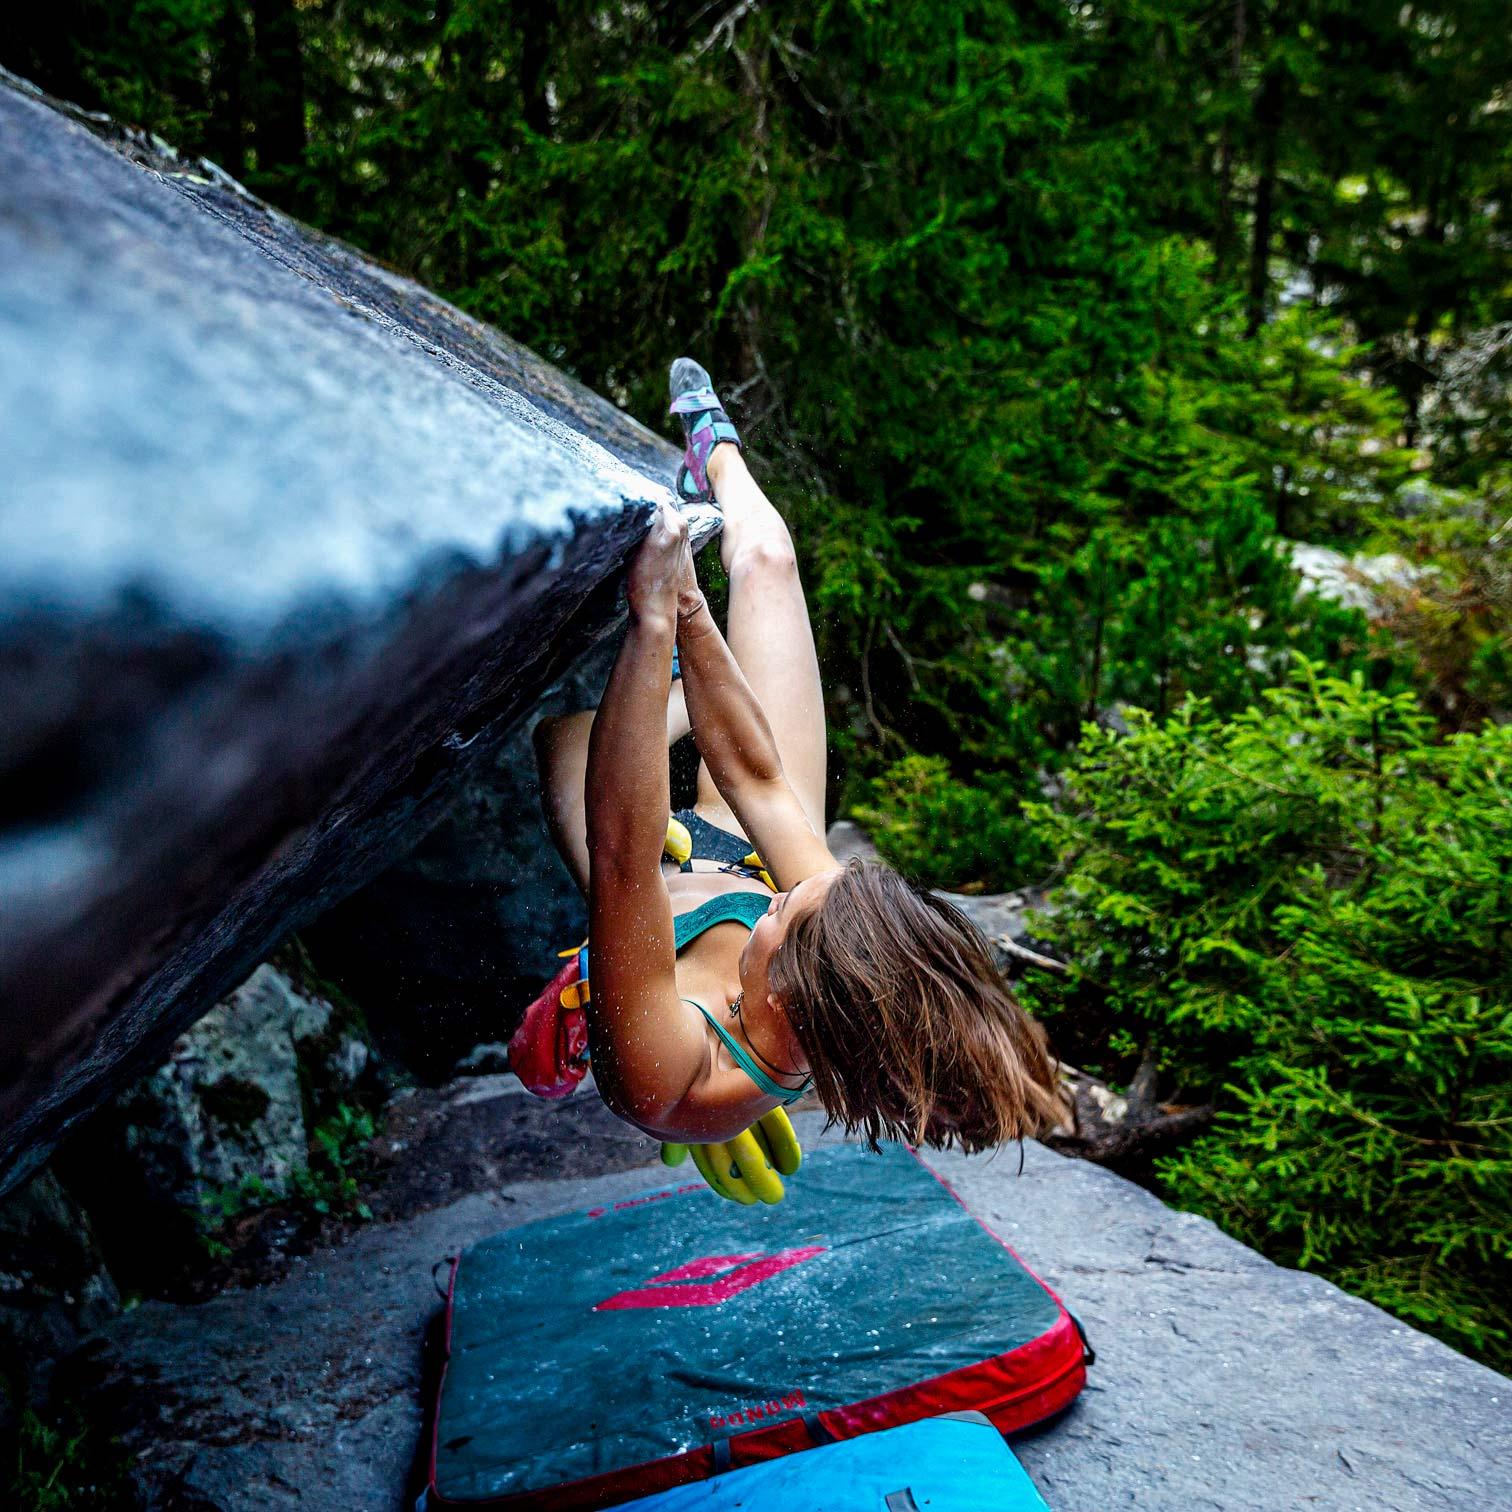 climber girl hanging on rock ©KontraPixel